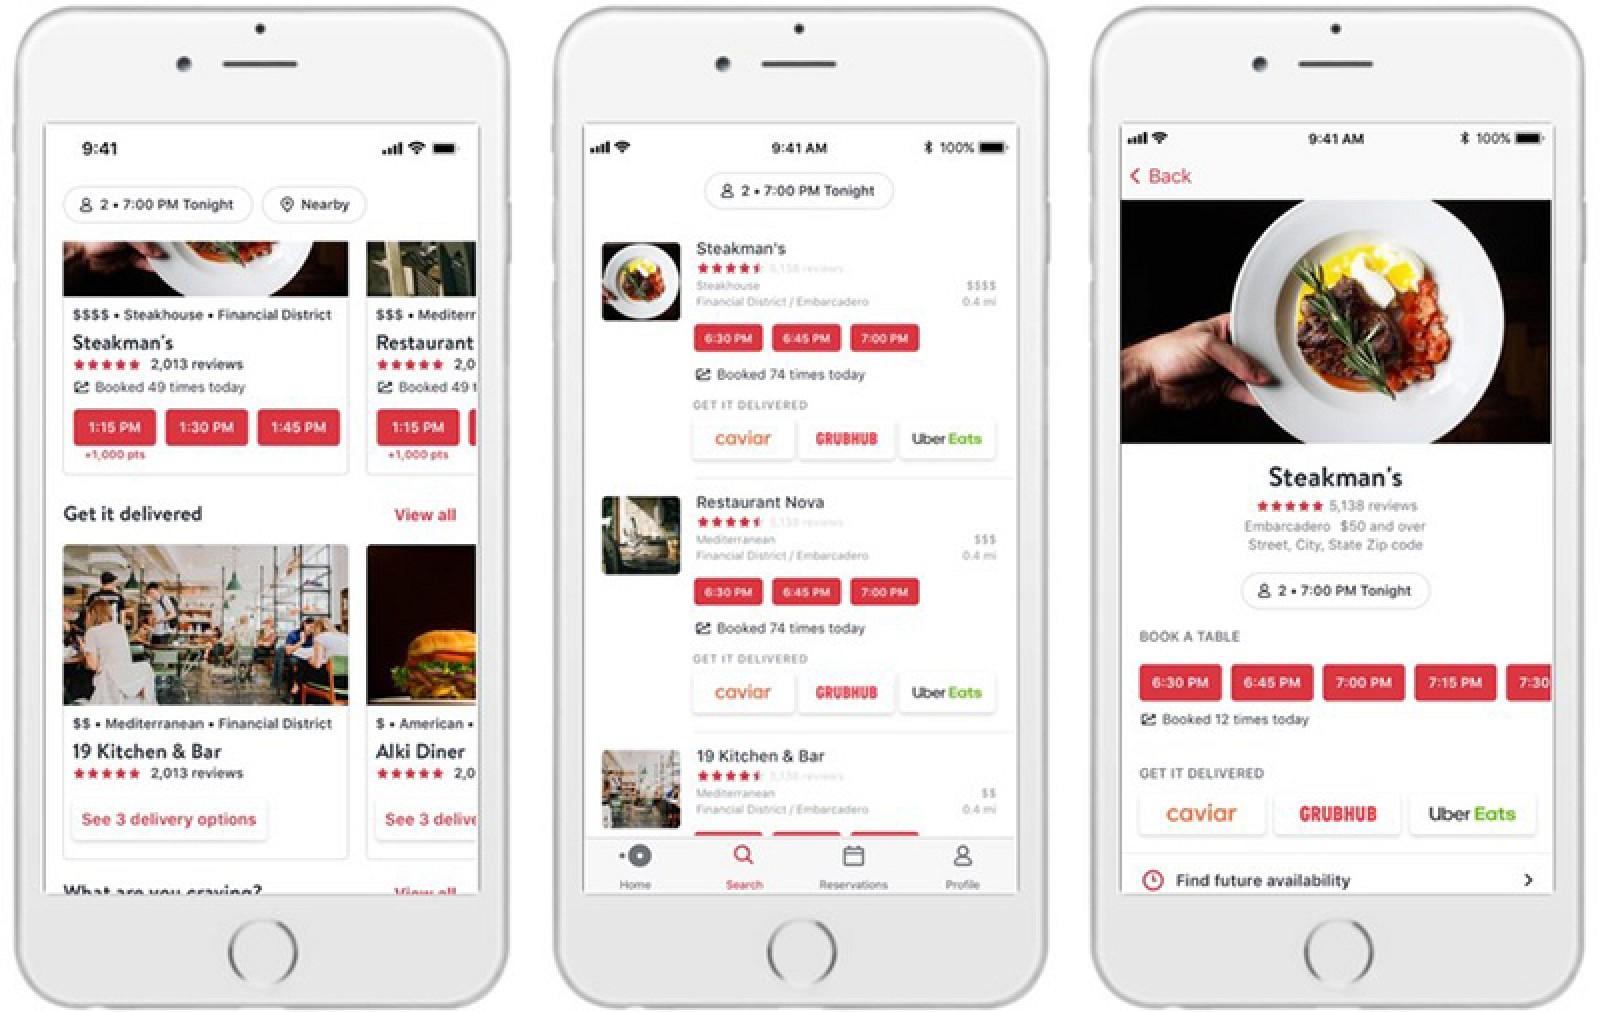 OpenTable se asocia con Caviar, Grubhub y Uber Eats para ofrecer la entrega de más de 8,000 restaurantes